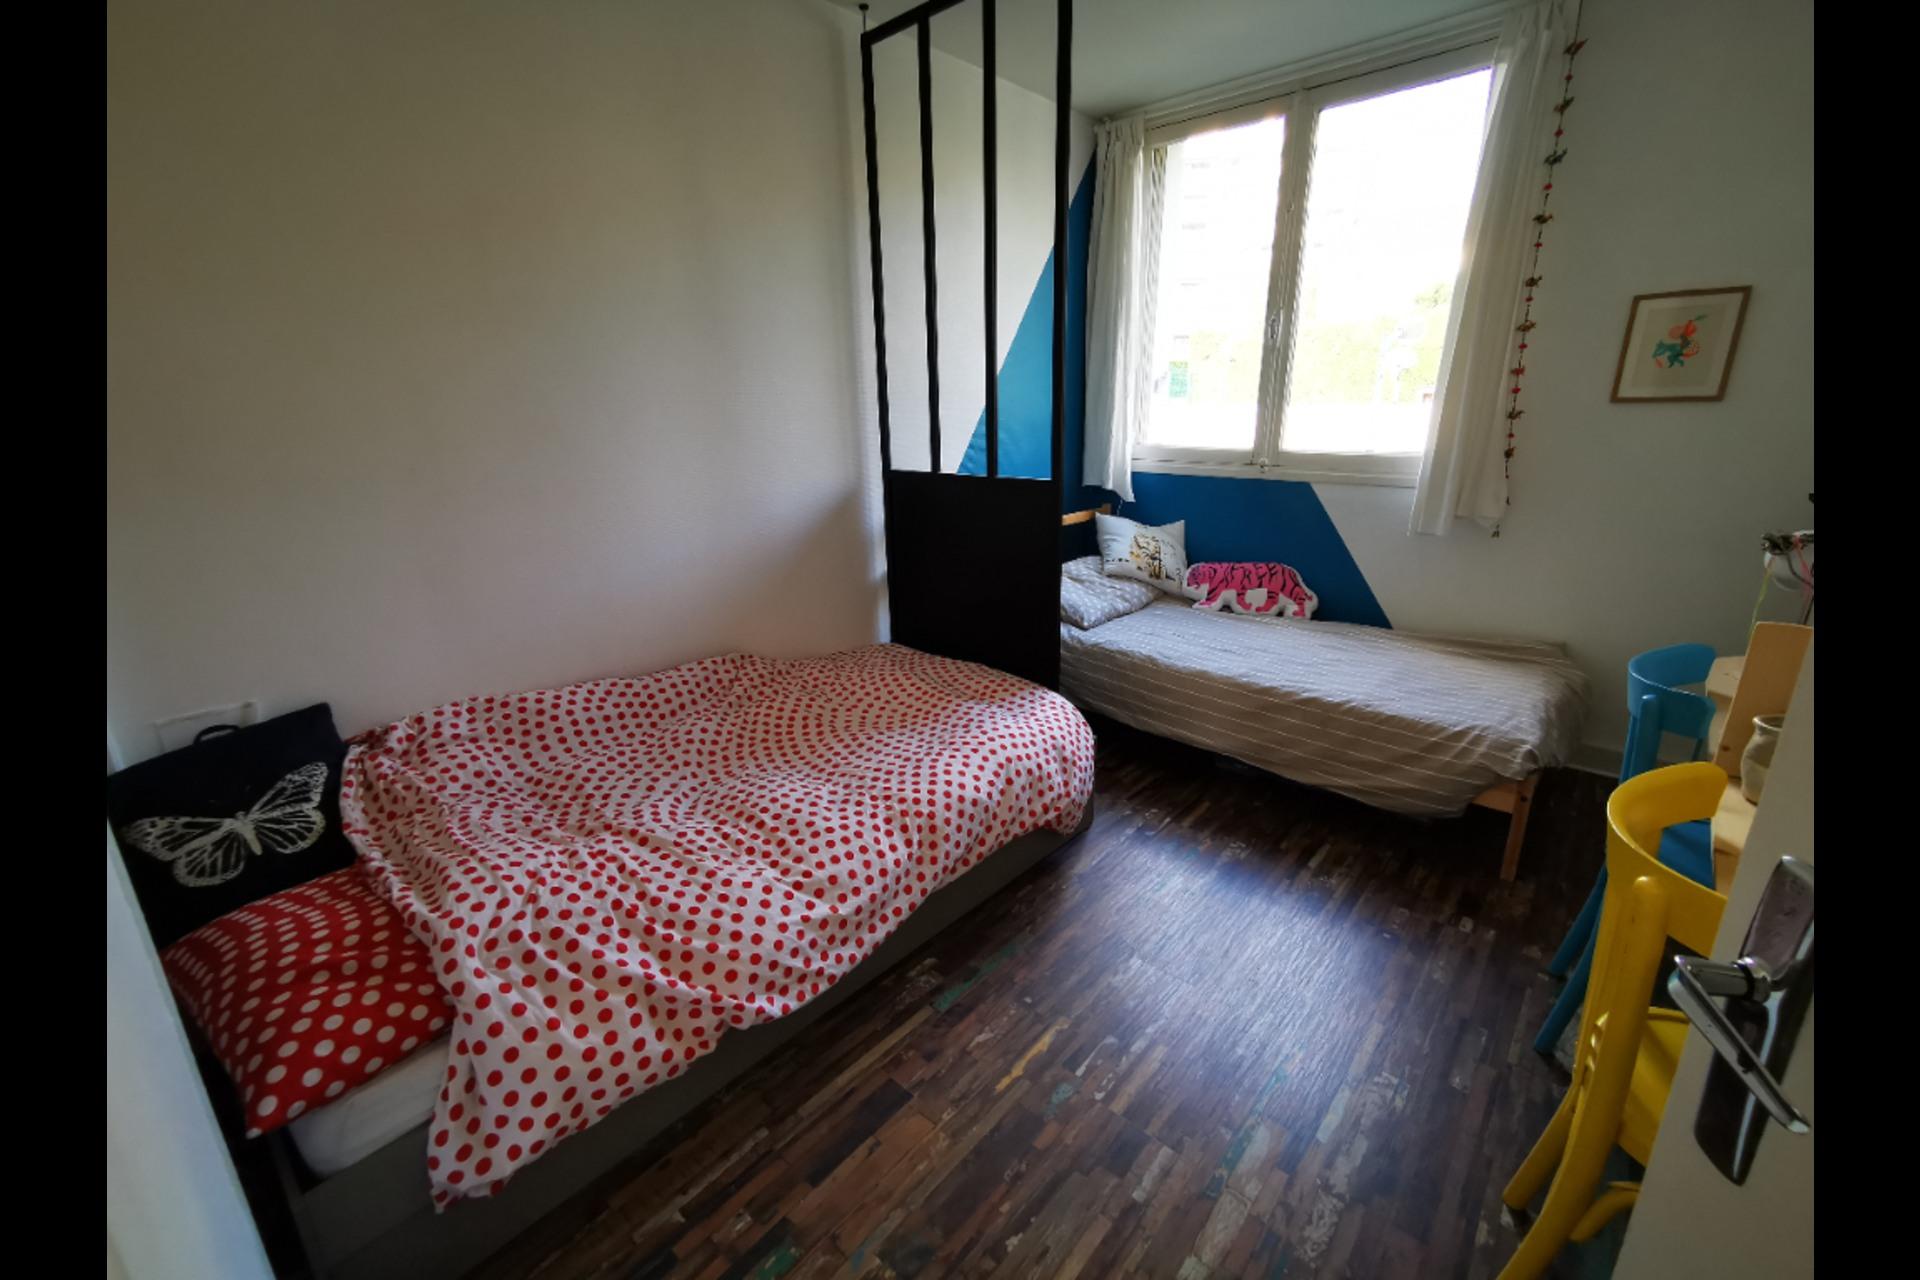 image 7 - Apartment For sale saint-germain-en-laye - 4 rooms